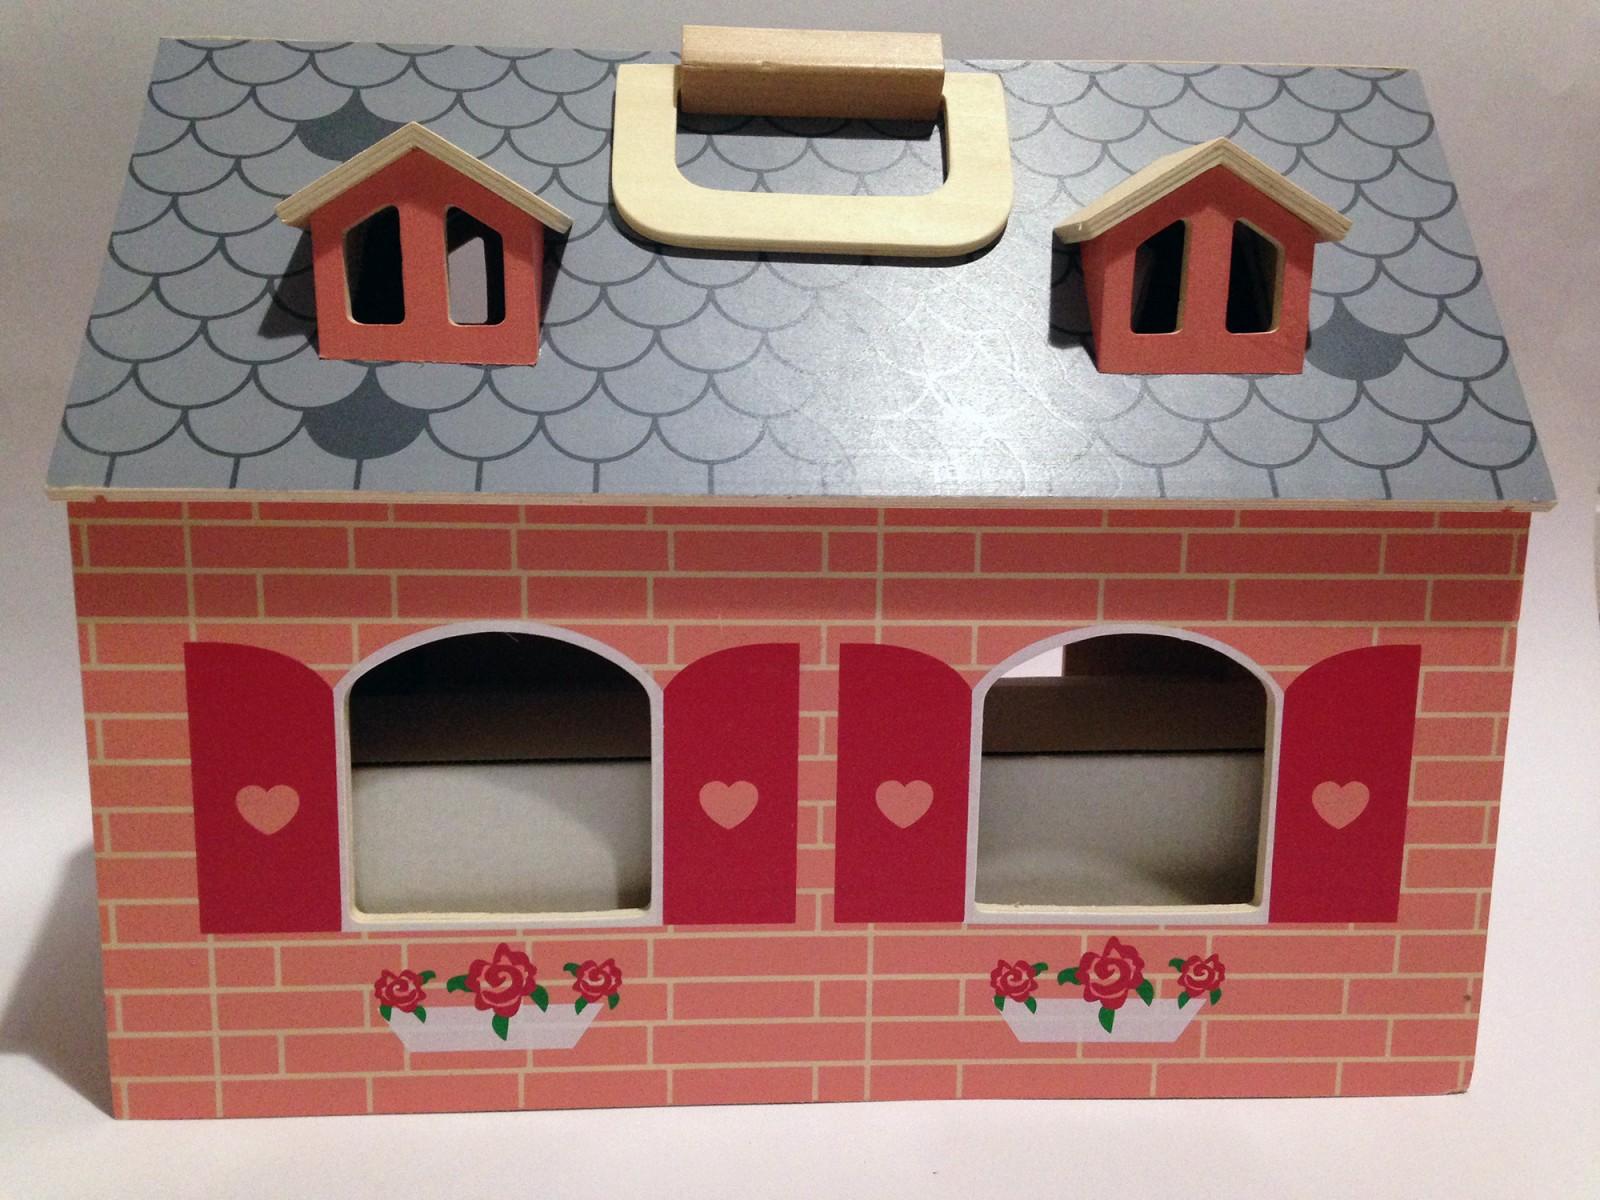 maison de poup e transportable en bois jouets de seconde main suisse romande. Black Bedroom Furniture Sets. Home Design Ideas